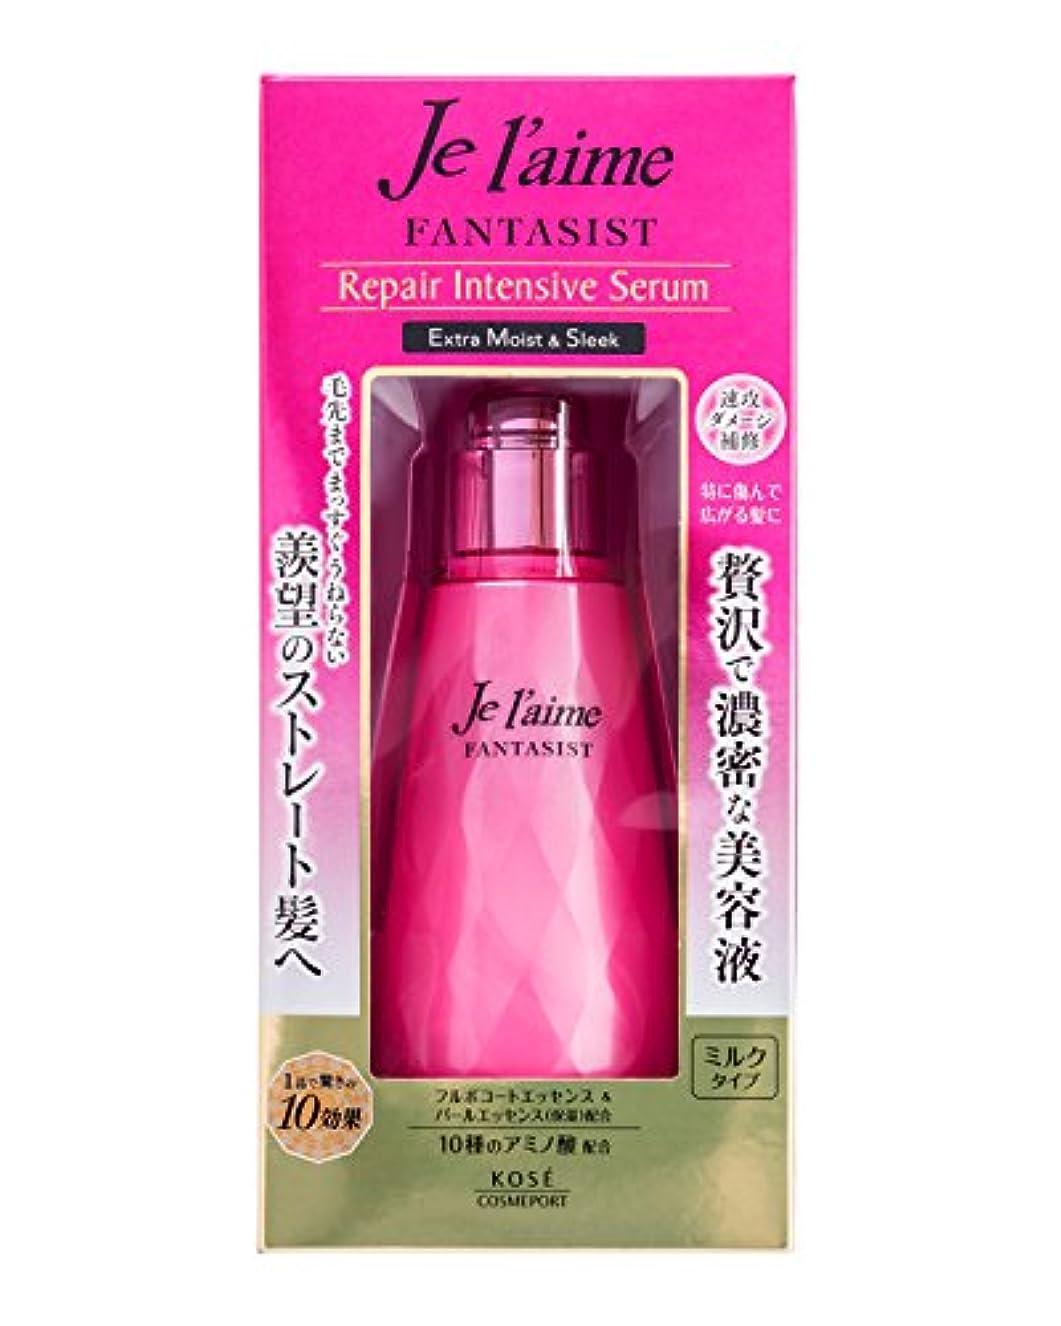 取り除く優越紫のKOSE コーセー ジュレーム ファンタジスト リペア インテンシブ セラム ヘア 美容液 (ストレート) 125ml